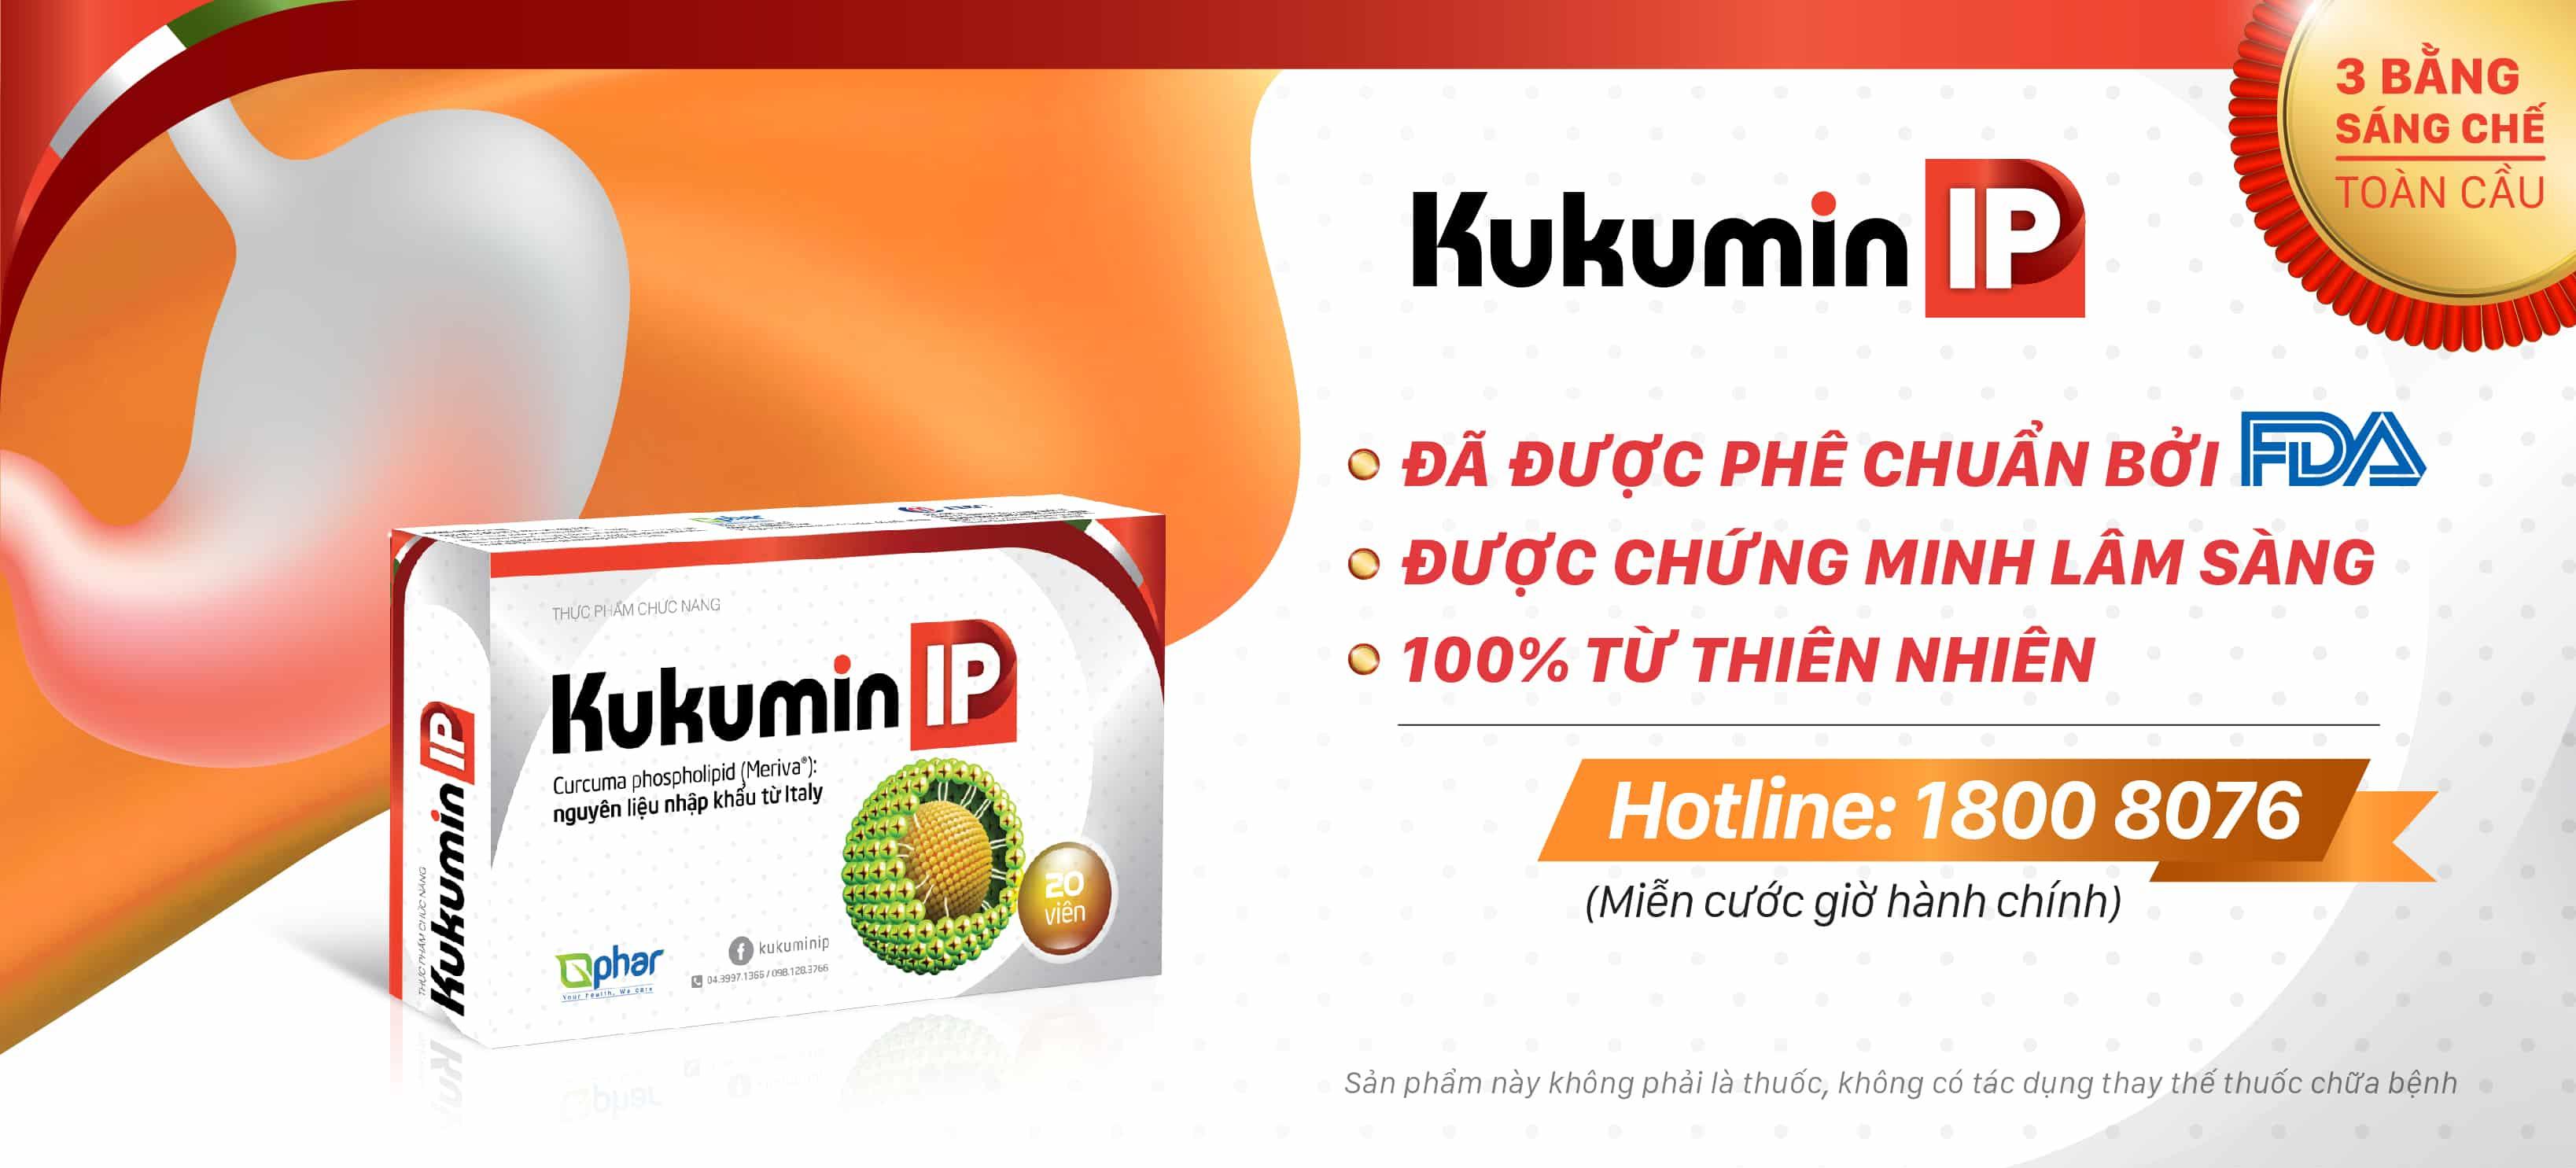 kukuminip, viêm loét dạ dày, trào ngược dạ dày, curcumin phytosome